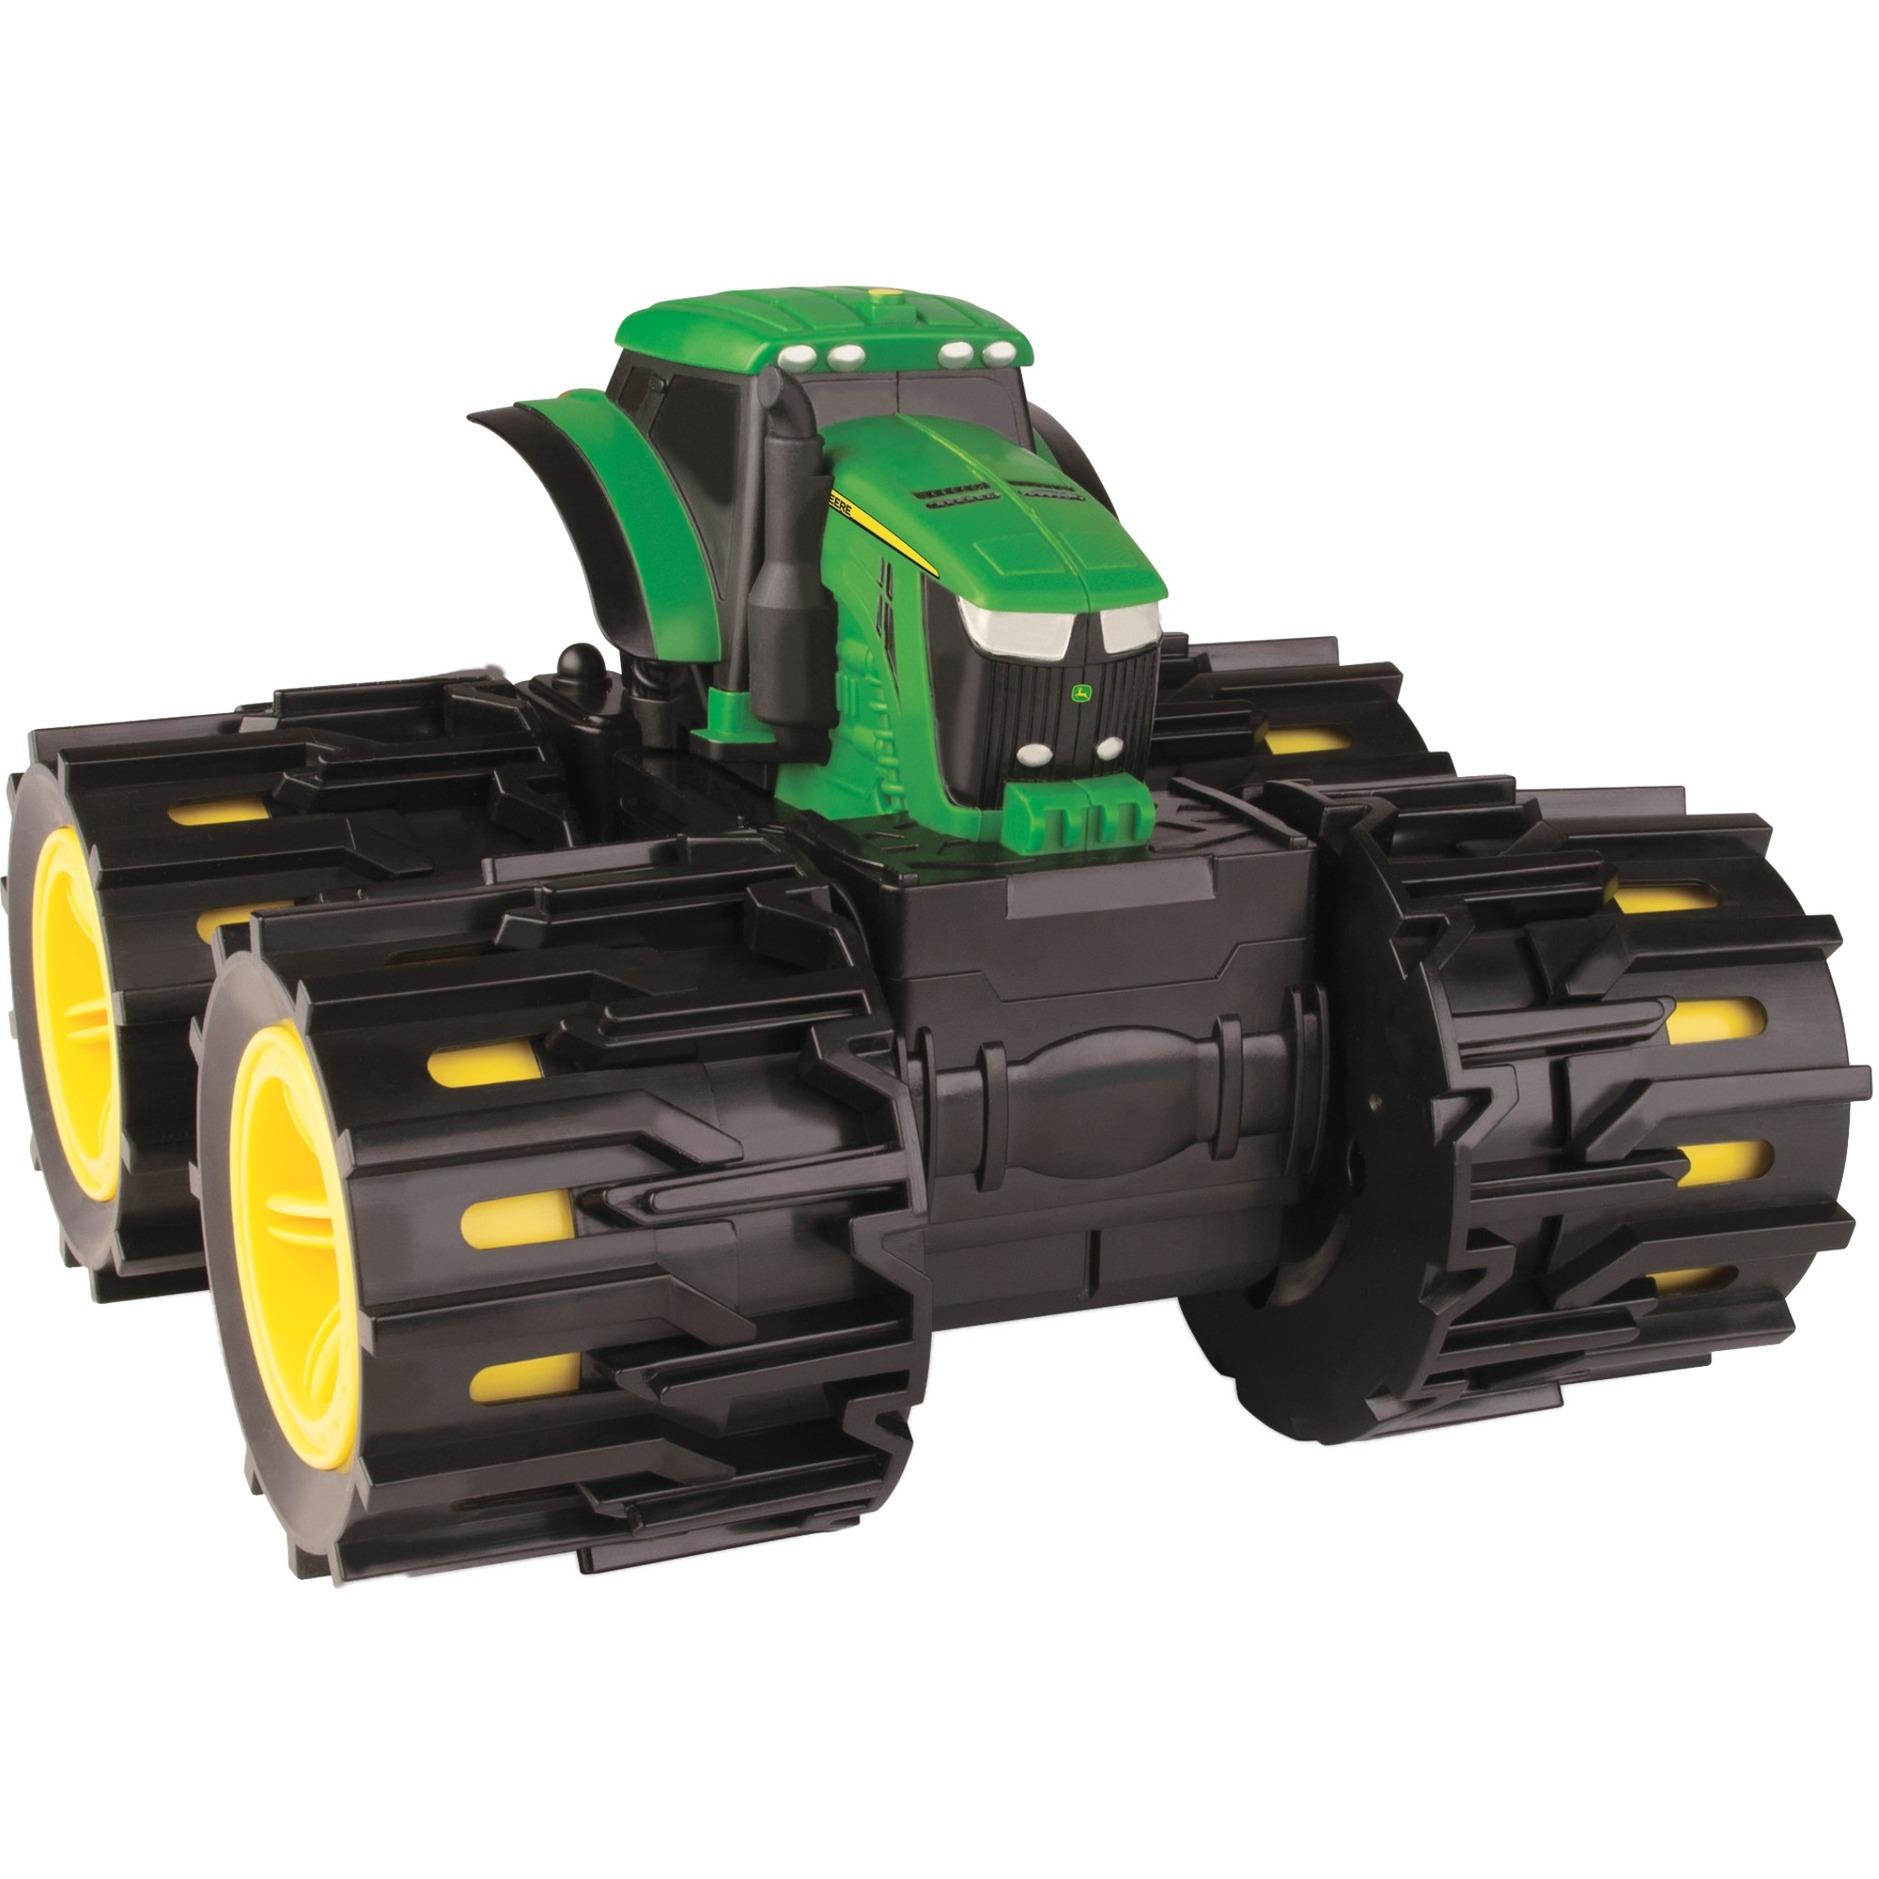 46645, Vehículo de juguete